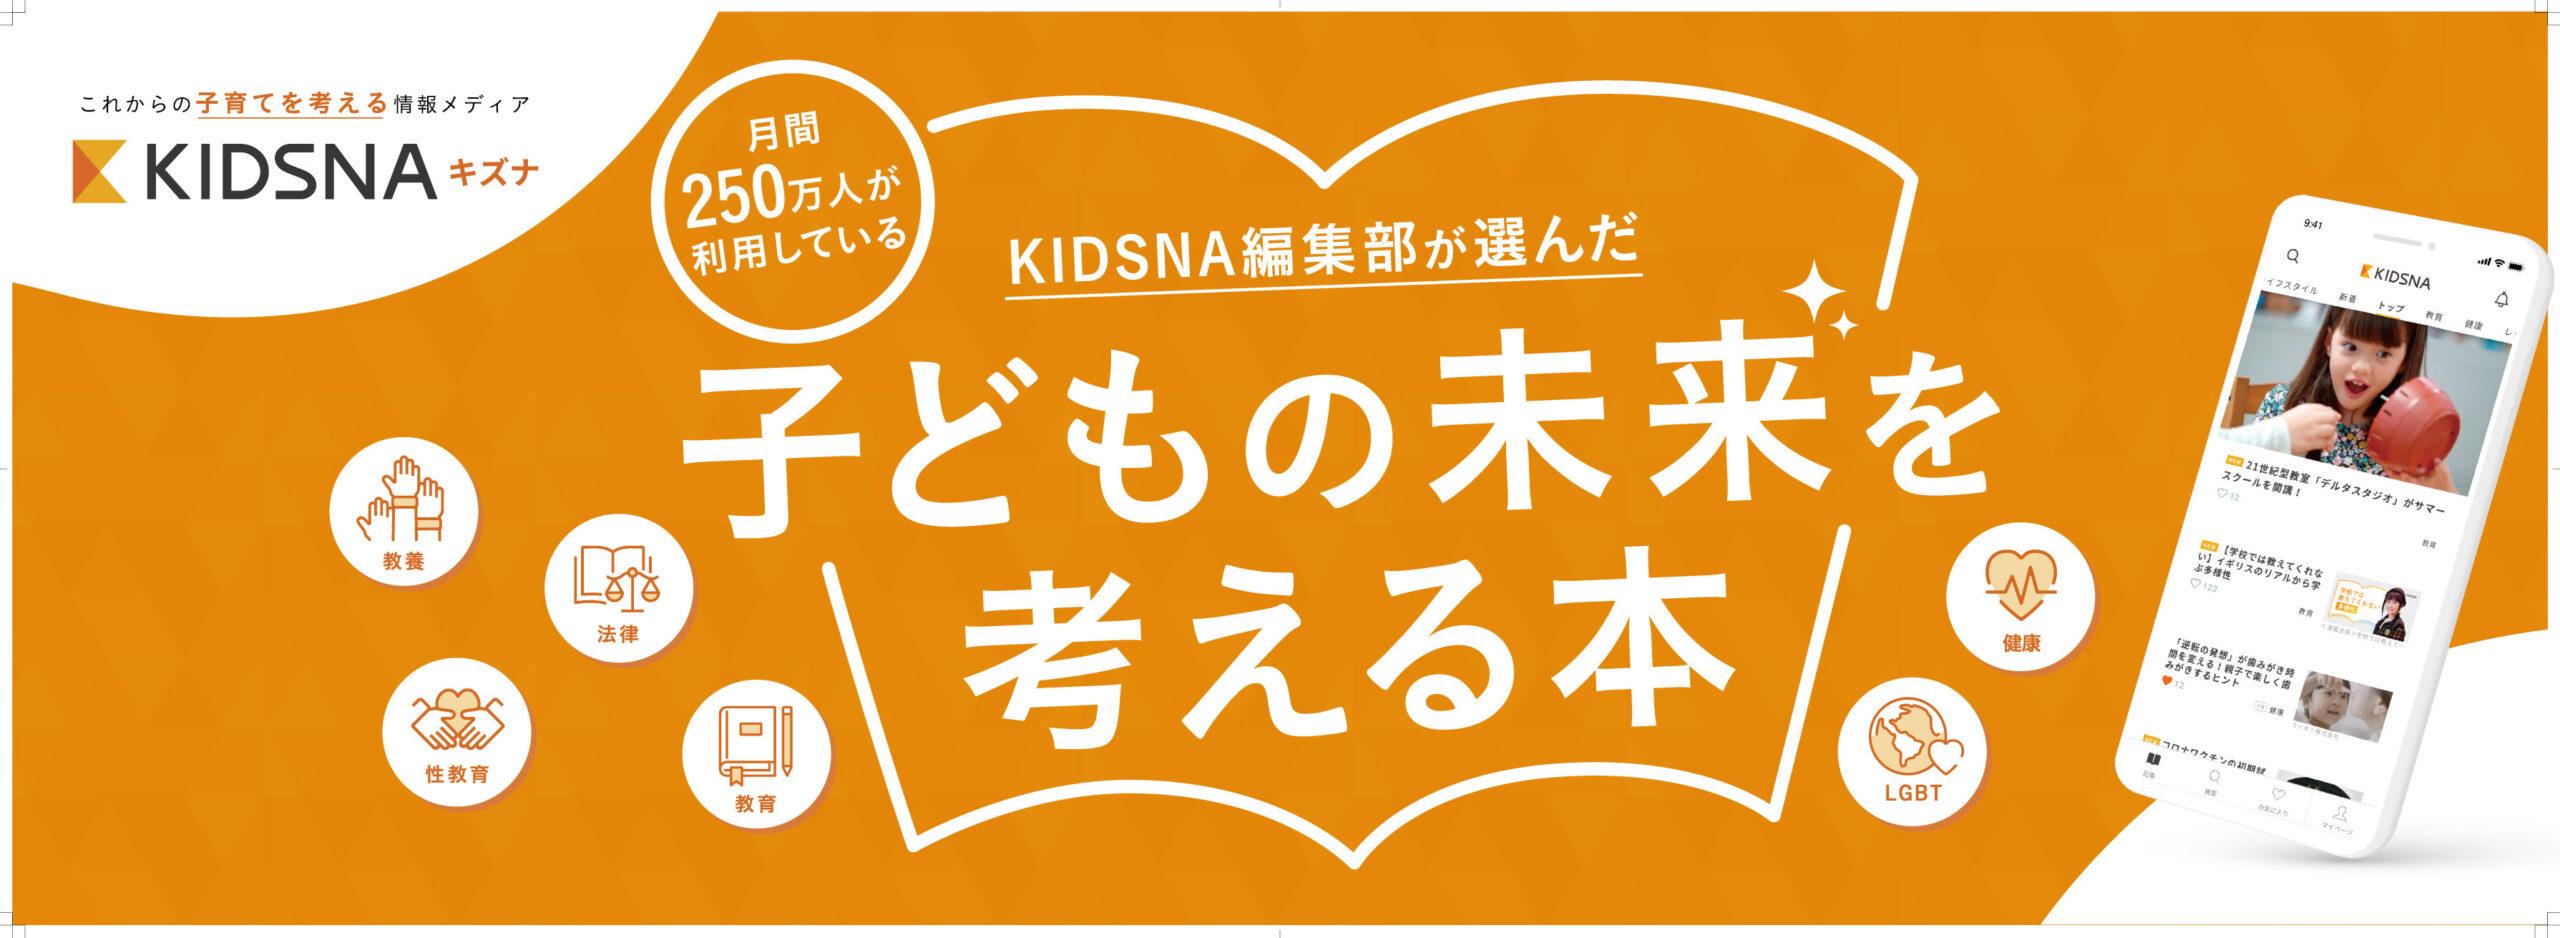 ~育てるを考える~子育て情報メディア「KIDSNA(キズナ)」が日本出版販売とコラボ。 子どもの未来を考えセレクトした本が並ぶブックフェアを全国の書店で開催!